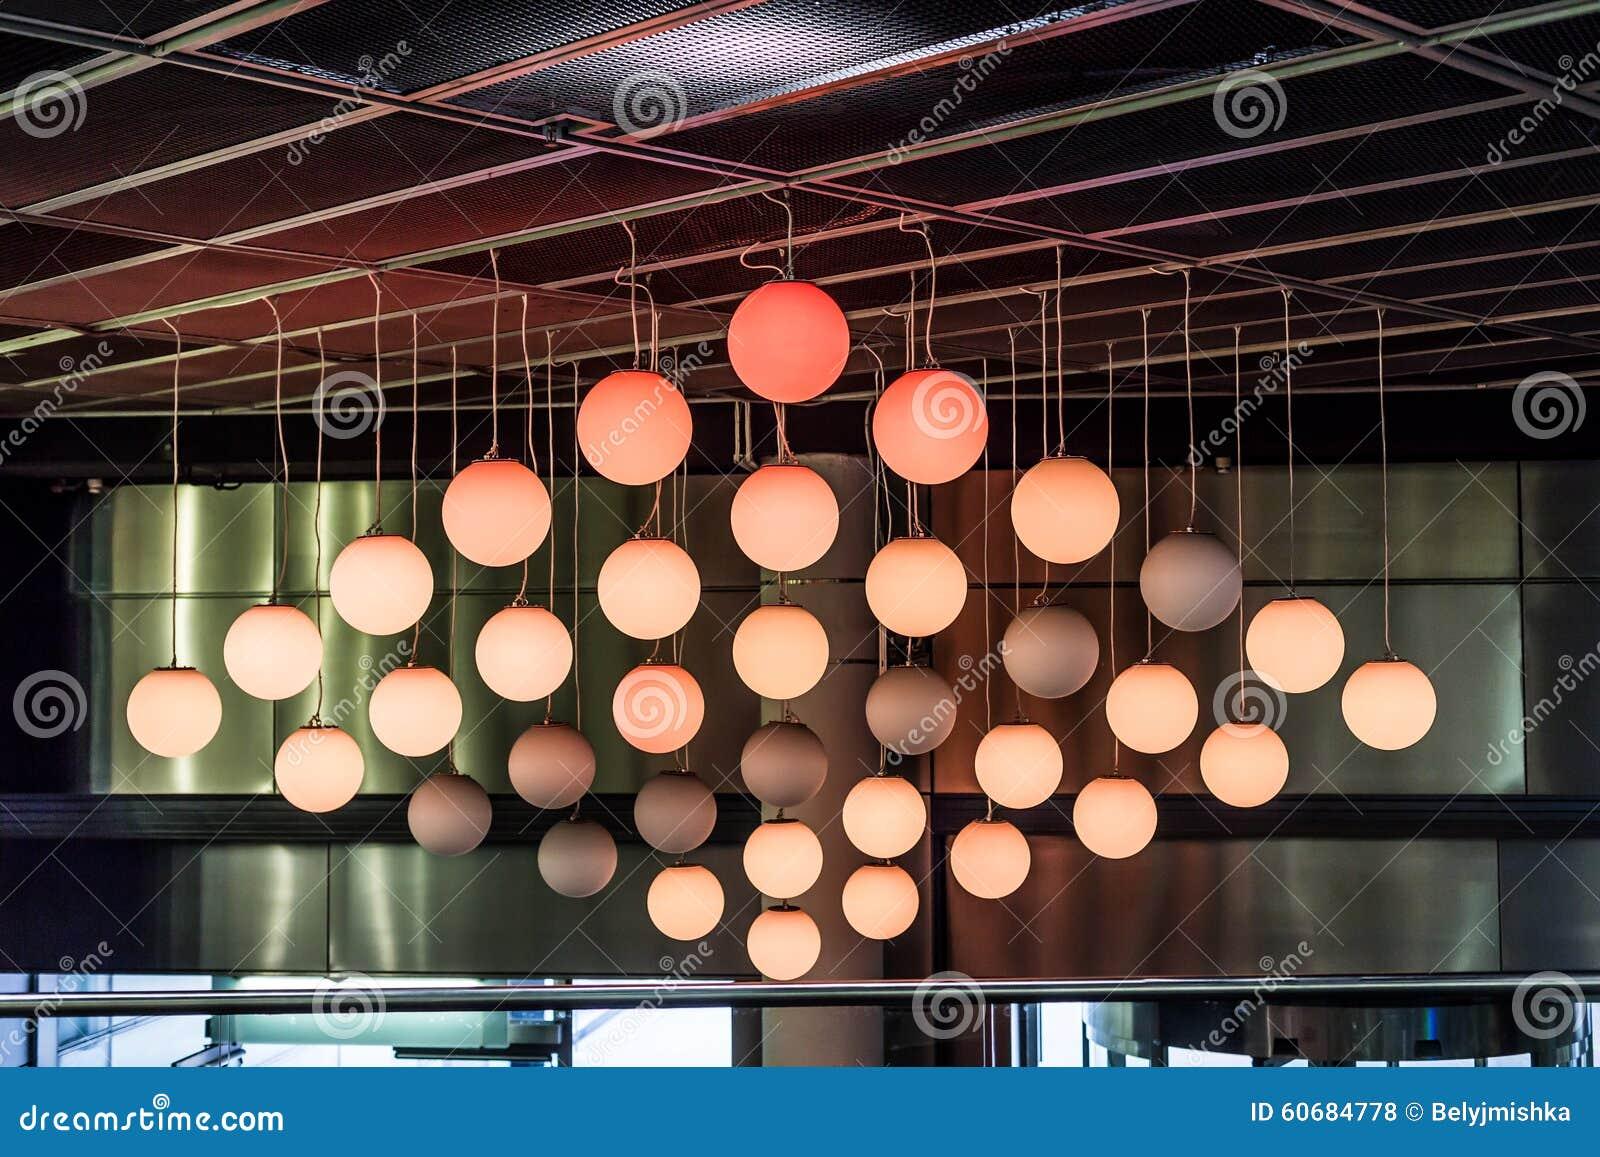 Plafoniere Da Soffitto Rotonde : Palle rotonde delle lampade sul soffitto fotografia stock